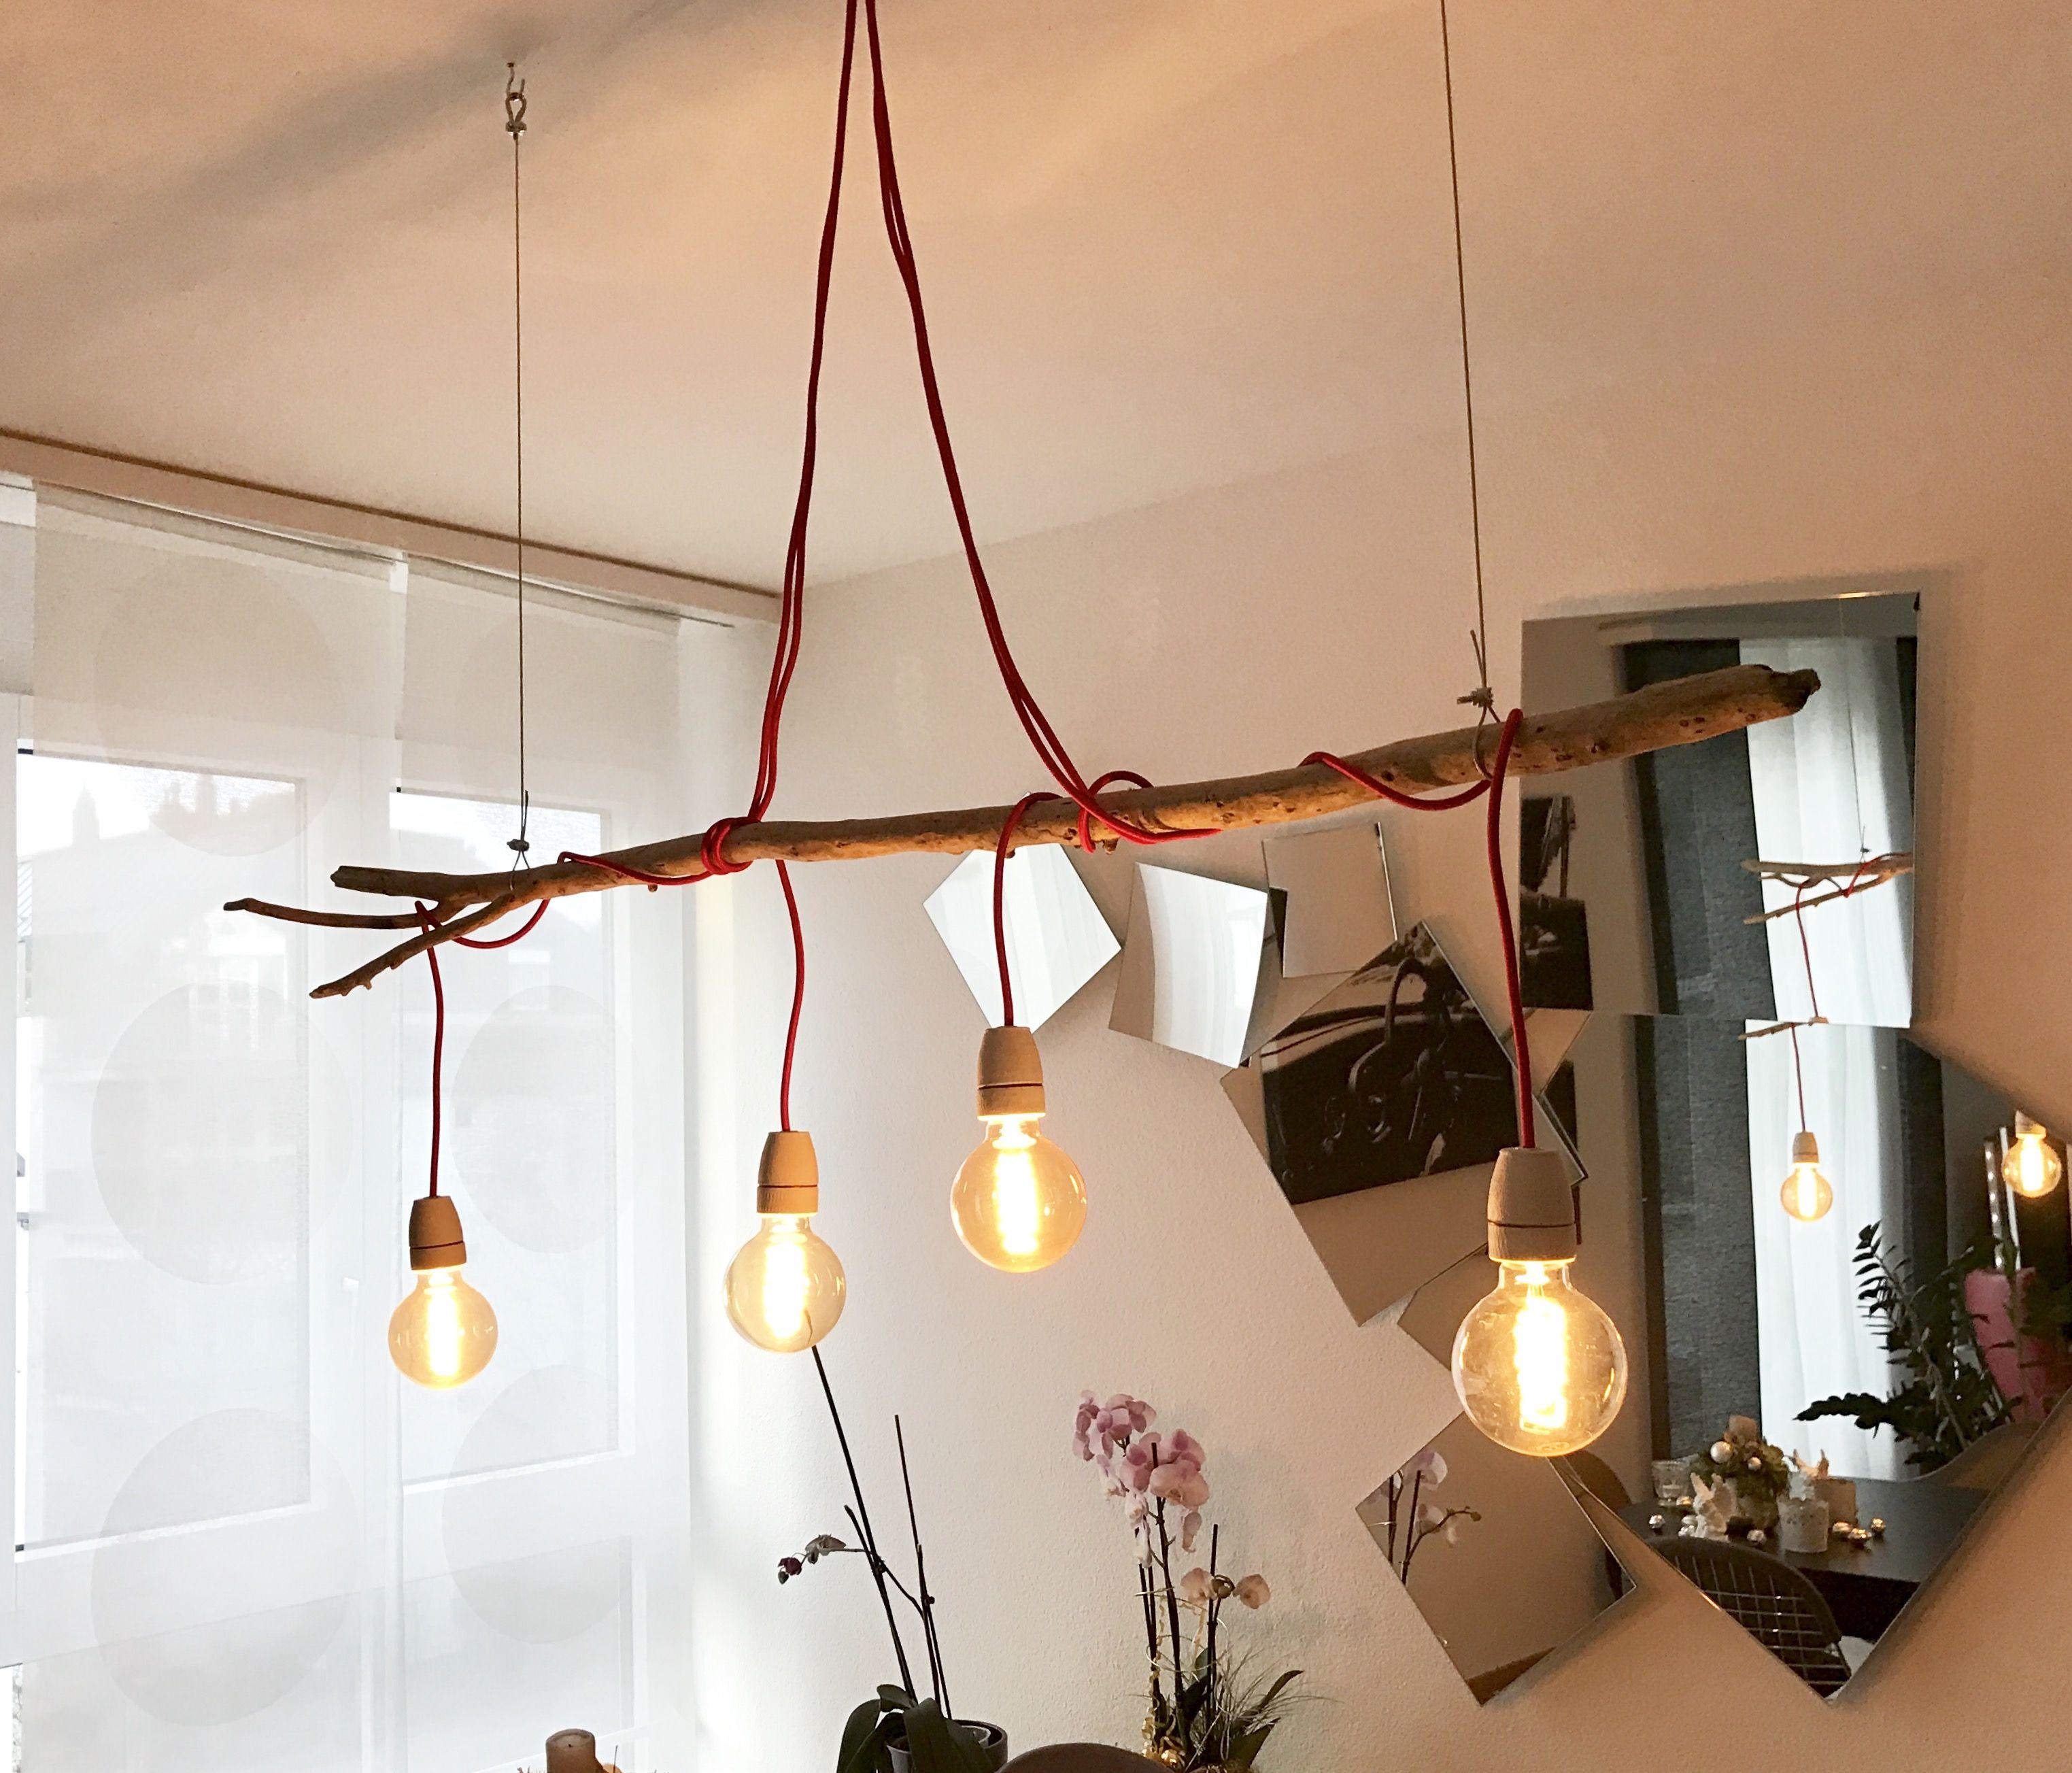 Lampe Selbstgemacht Rote Kabel Betonfassungen Leuchtmittel Und Draht Aus Dem Bauhaus Holz Ist Schwemmh Cheap Furniture Stores Ceiling Lights Furniture Sale